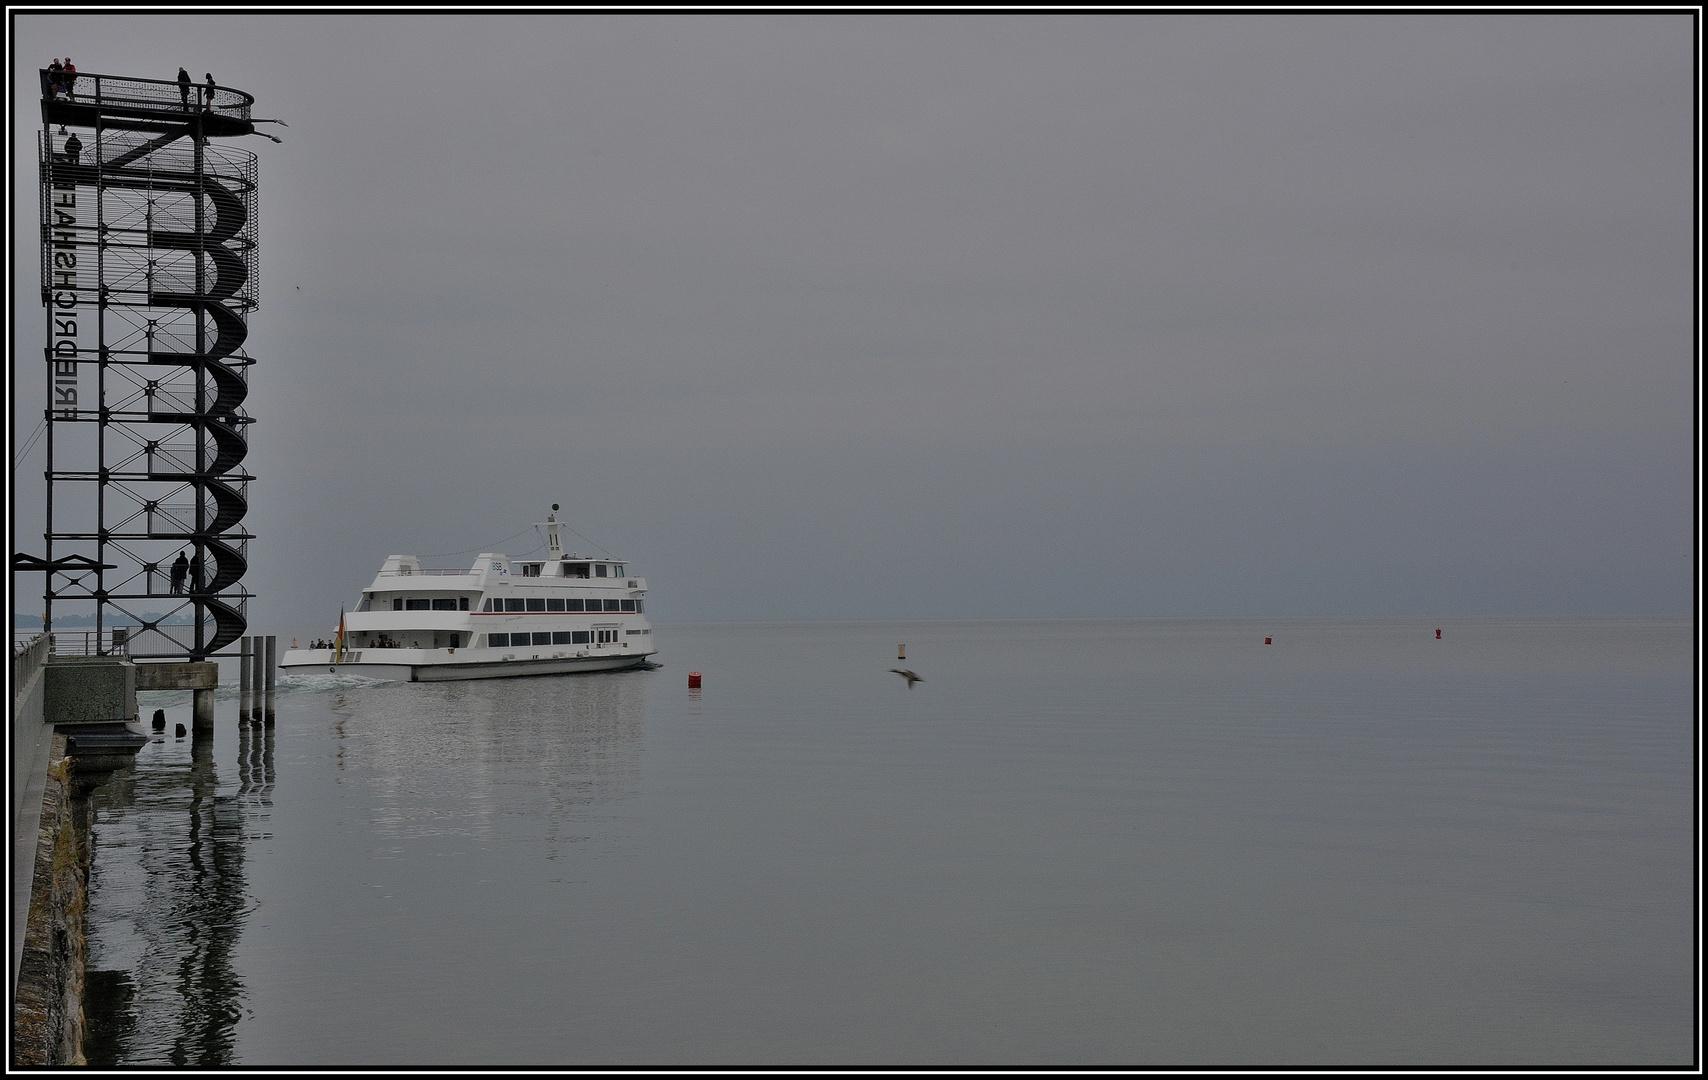 Aussichtsturm an der Hafenmole von Friedrichshafen